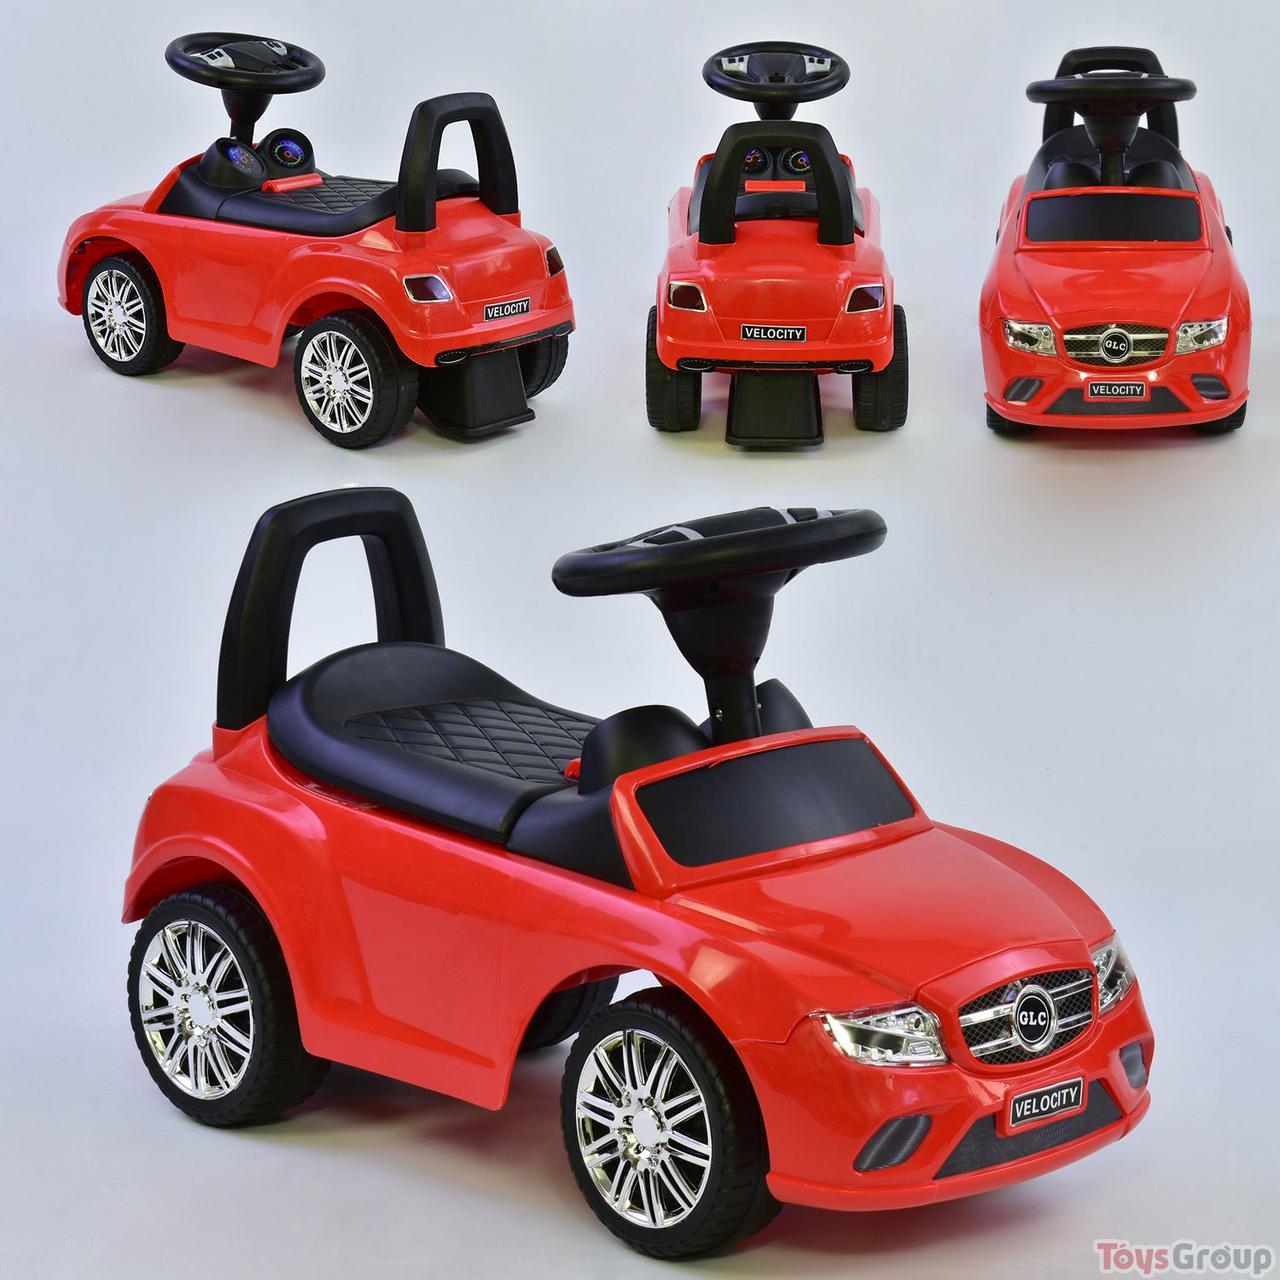 Машина-Толокар R - 0001 JOY (6) цвет КРАСНЫЙ, музыкальный руль, 2 песни, РУССКОЕ ОЗВУЧИВАНИЕ, багажник